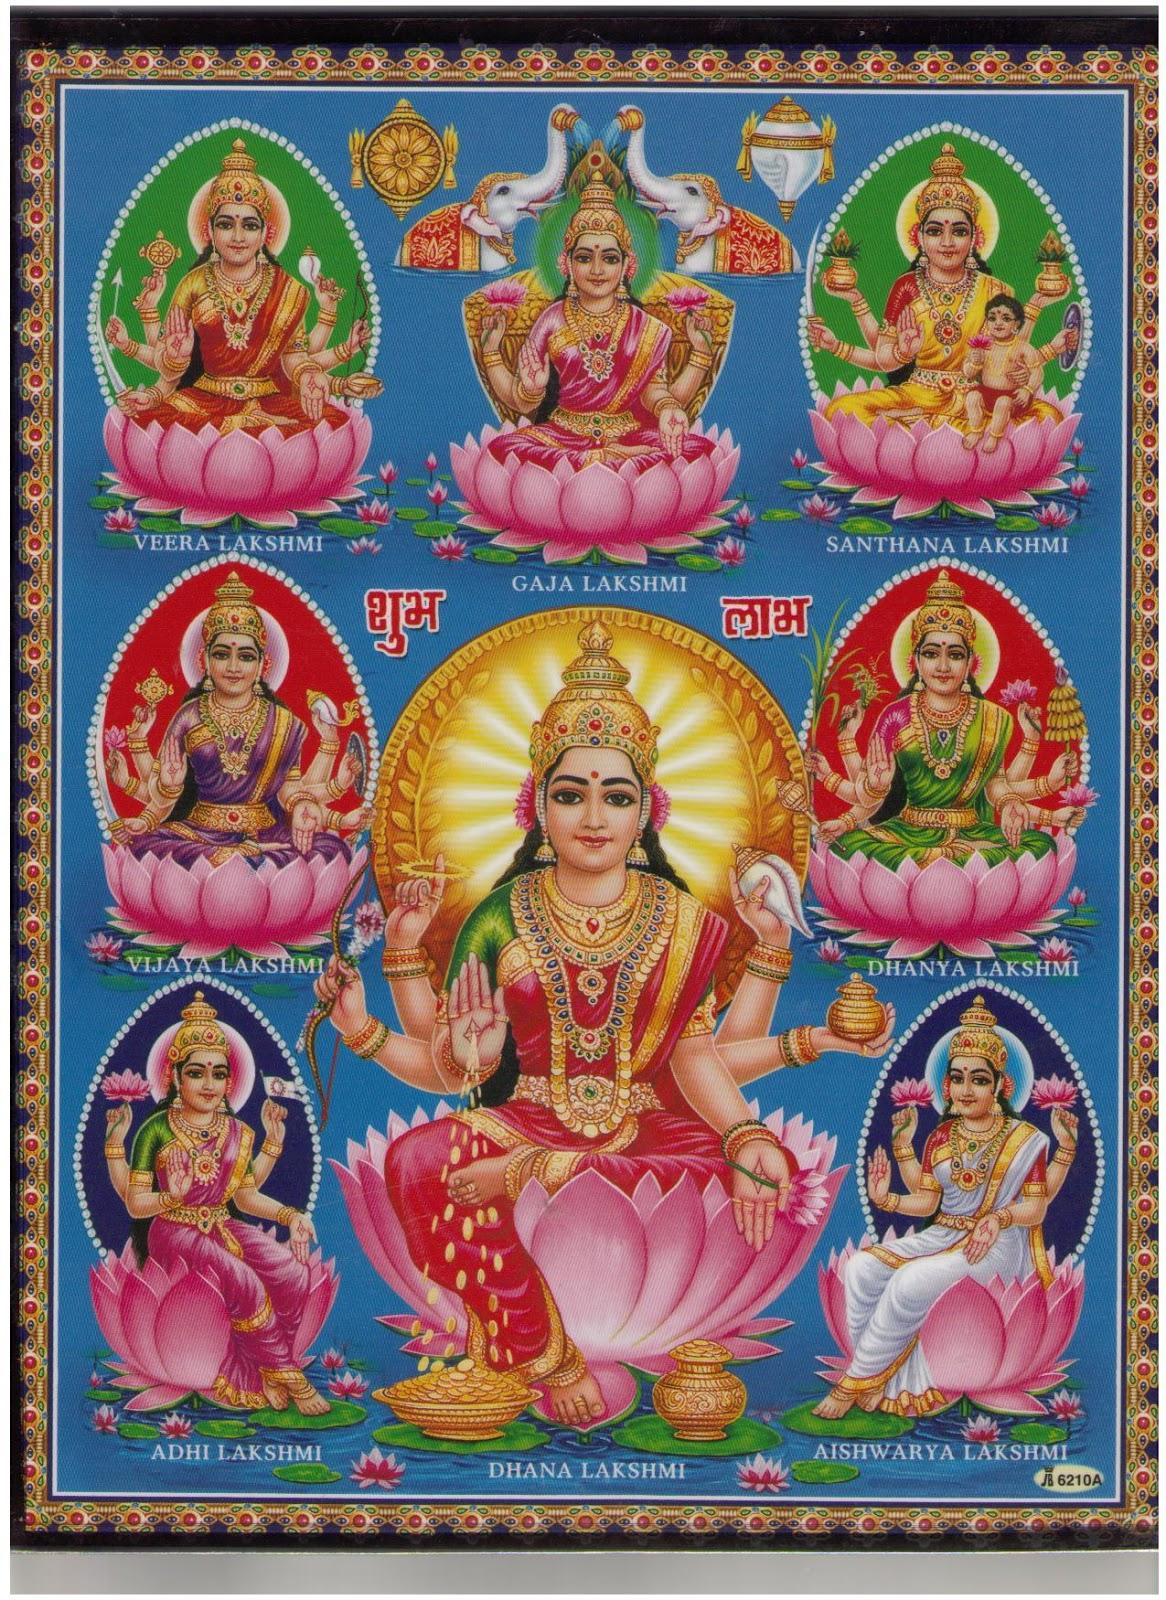 http://2.bp.blogspot.com/-_m9Ywa1nh3M/UPAP5QYJFQI/AAAAAAAAA9s/vmQSXP4ogjw/s1600/eight-forms-goddess-lekshmi-devi-ashta-lakshmi.jpg